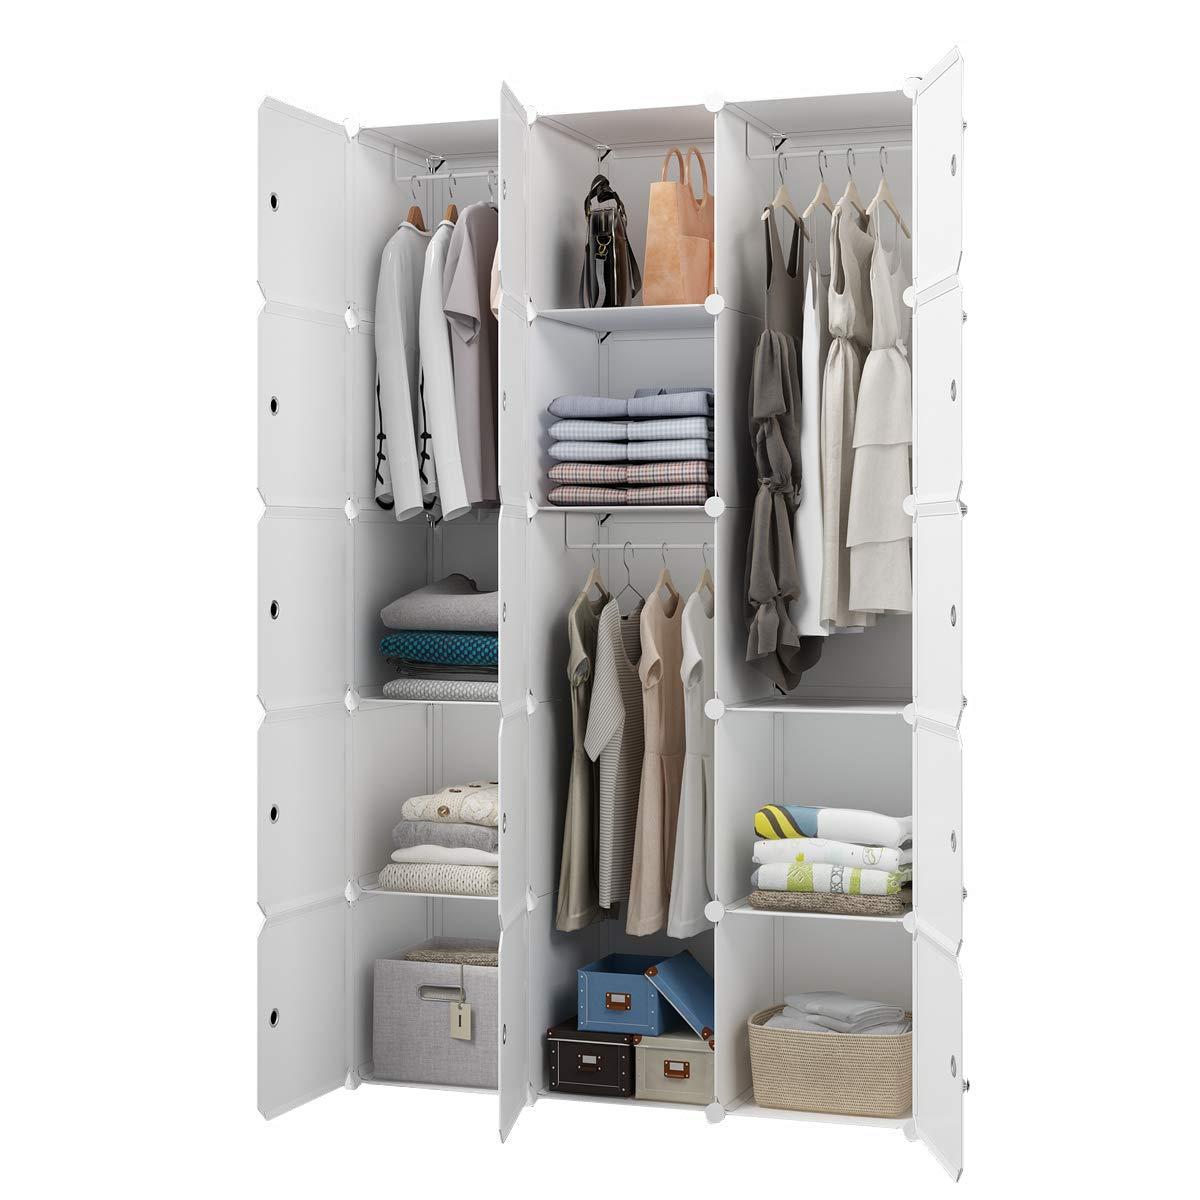 KOUSI Portable Closet Wardrobe Closet Room Closet with Doors Wardrobe with Storage Wardrobes for Bedrooms Portable Closet Wardrobe Bedroom Armoire, White, 3 Hanger by KOUSI